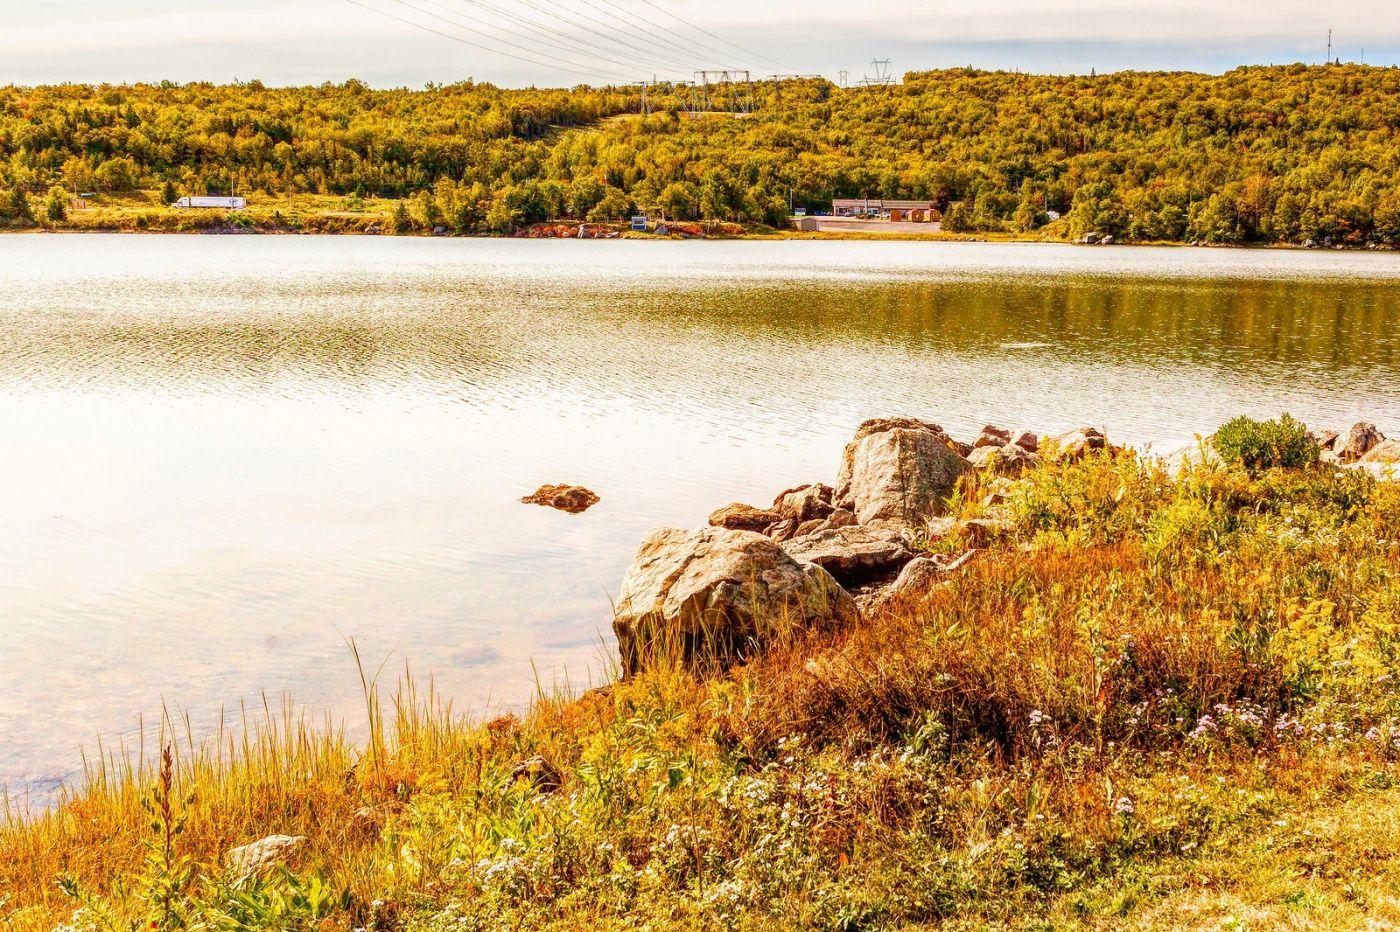 加拿大路途,水边抓拍_图1-18